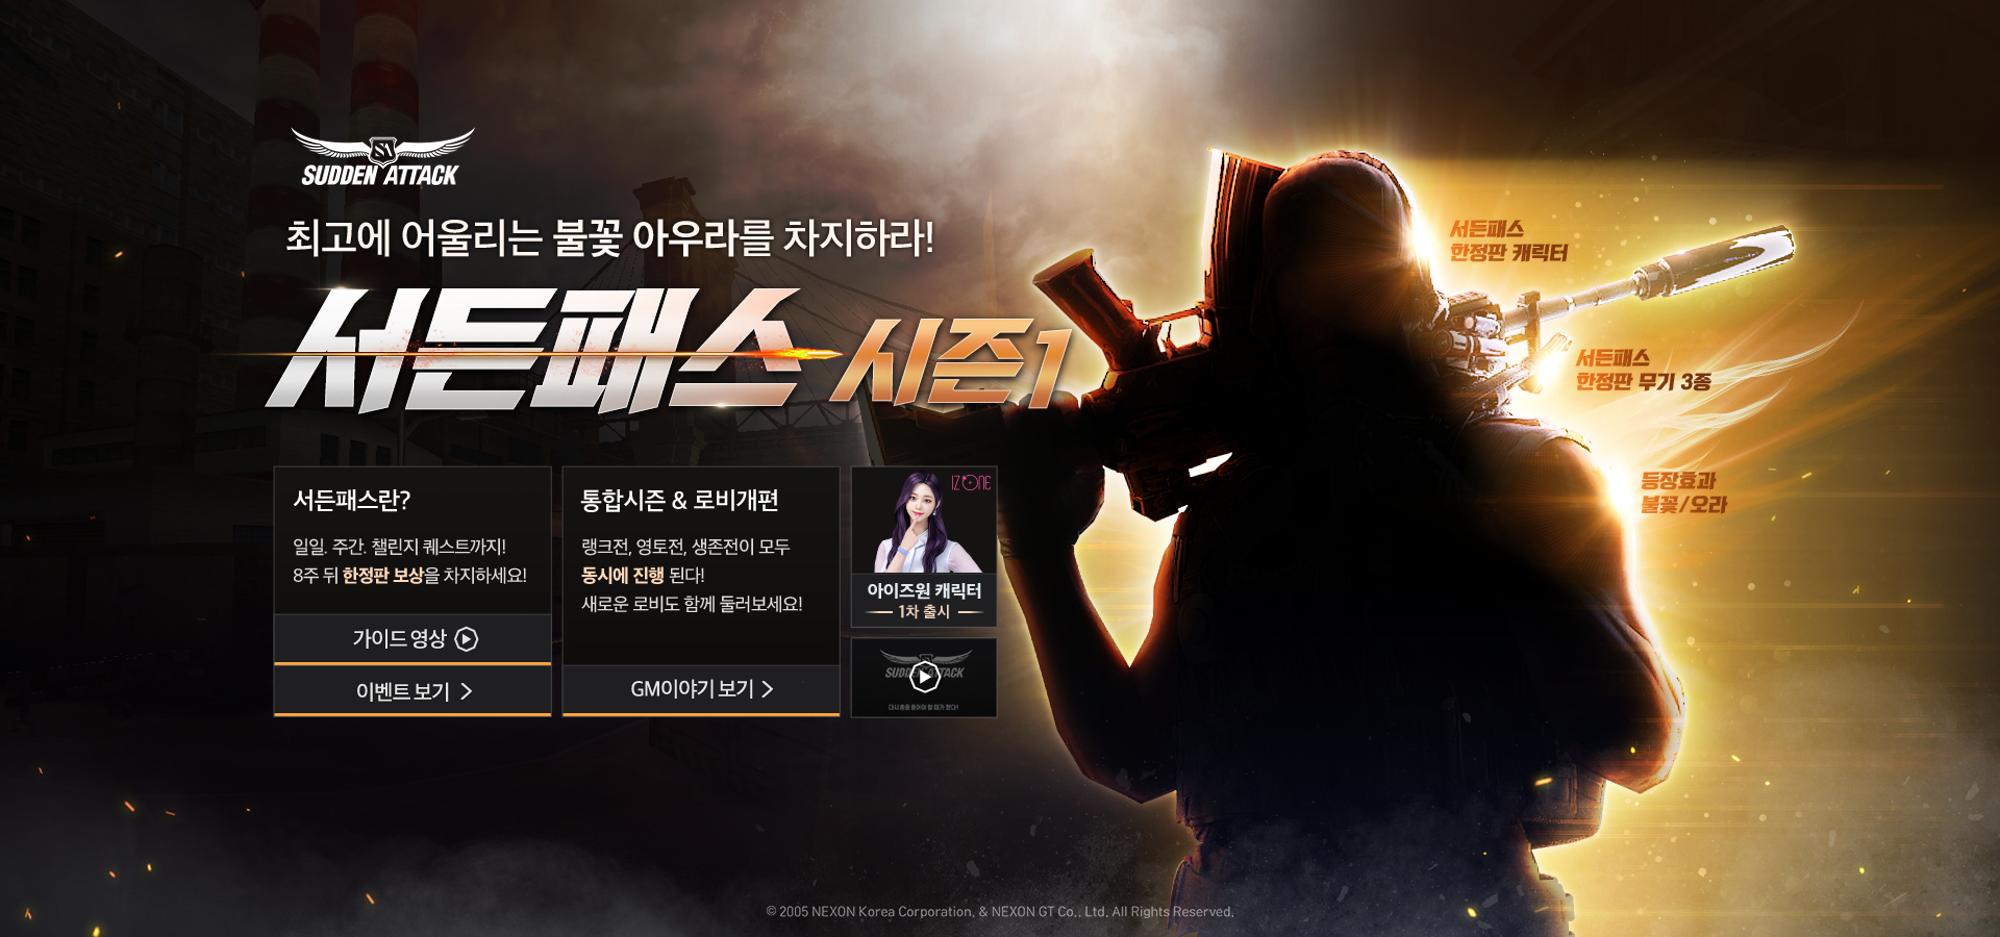 '통합시즌 : 서든패스' 업데이트